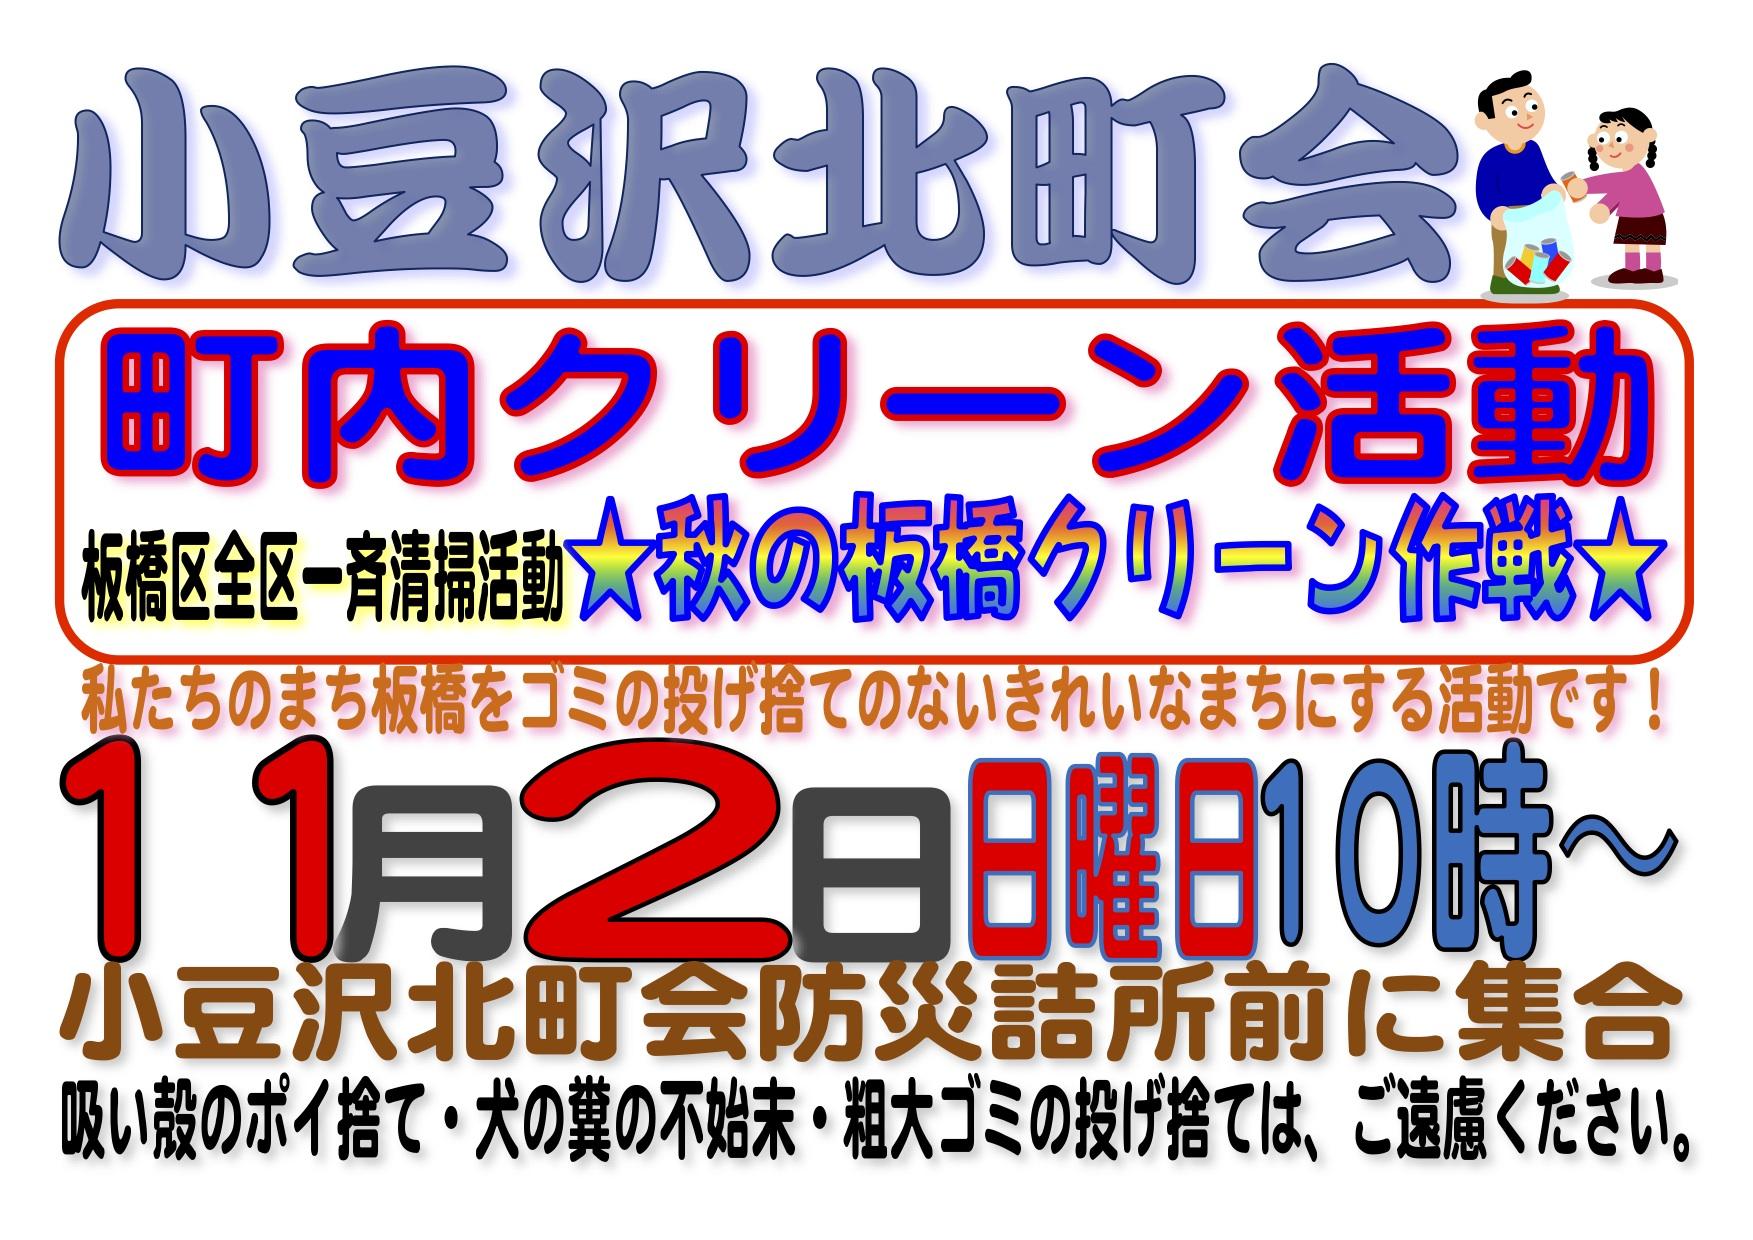 2014年11月2日板橋クリーン作戦